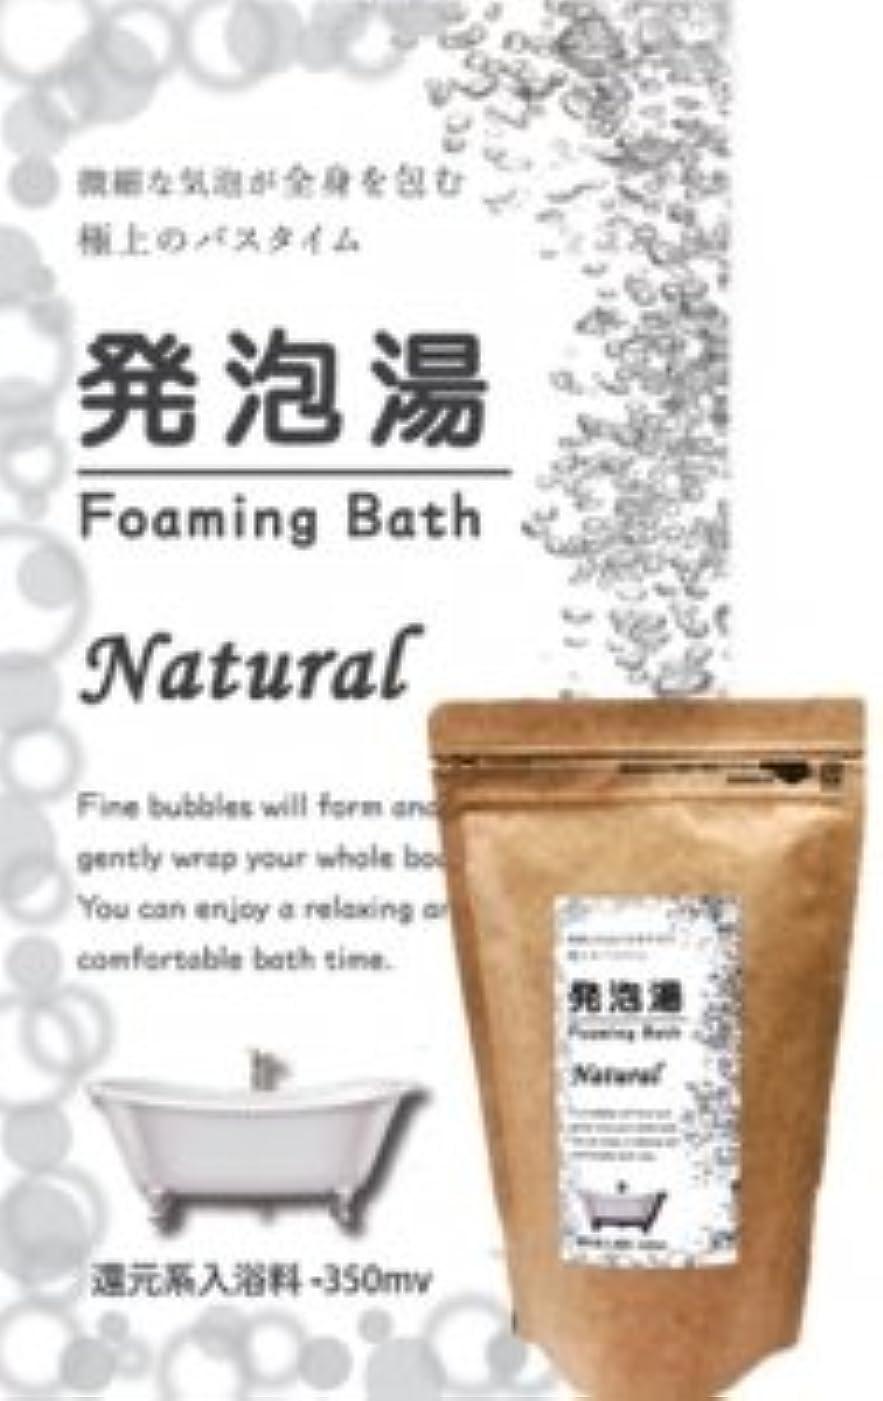 聖人ペイント啓示発泡湯(はっぽうとう) Foaming Bath Natural ナチュラルお徳用15回分